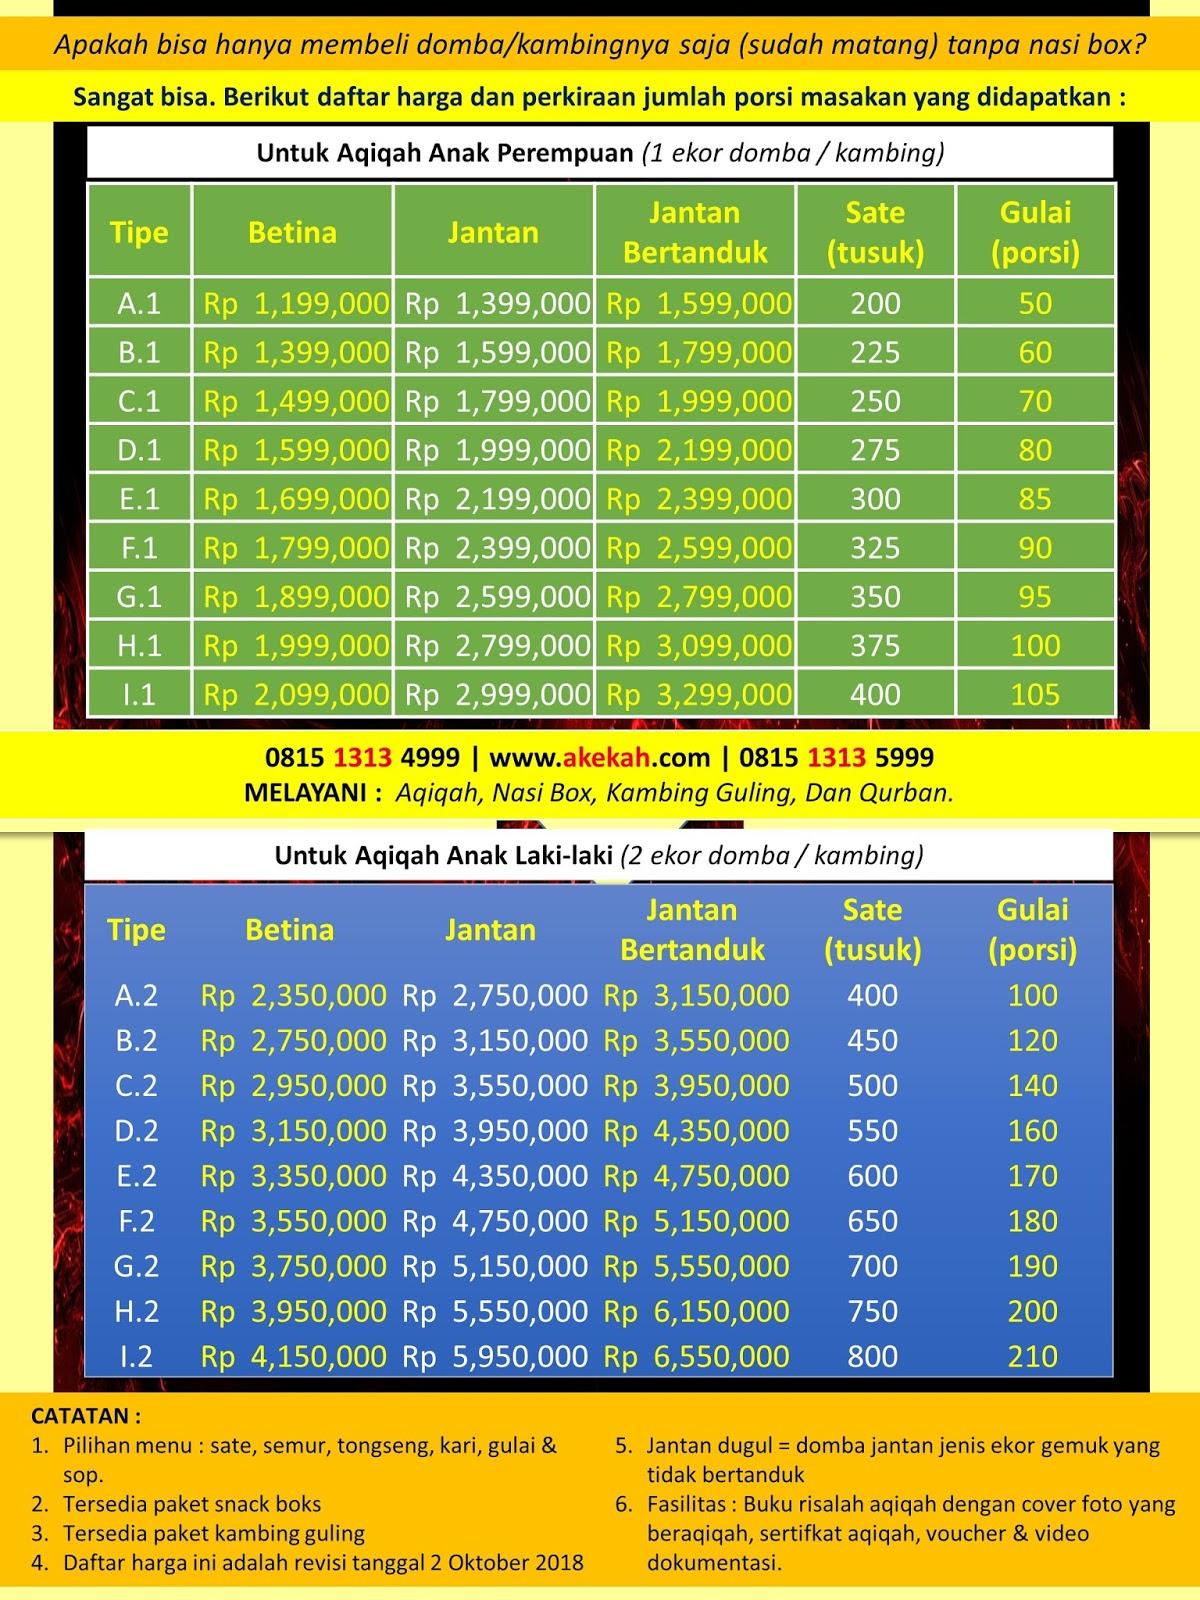 Penyedia Layanan Akikah & Catering Murah Untuk Laki-Laki Daerah Kecamatan Tanjungsari Bogor